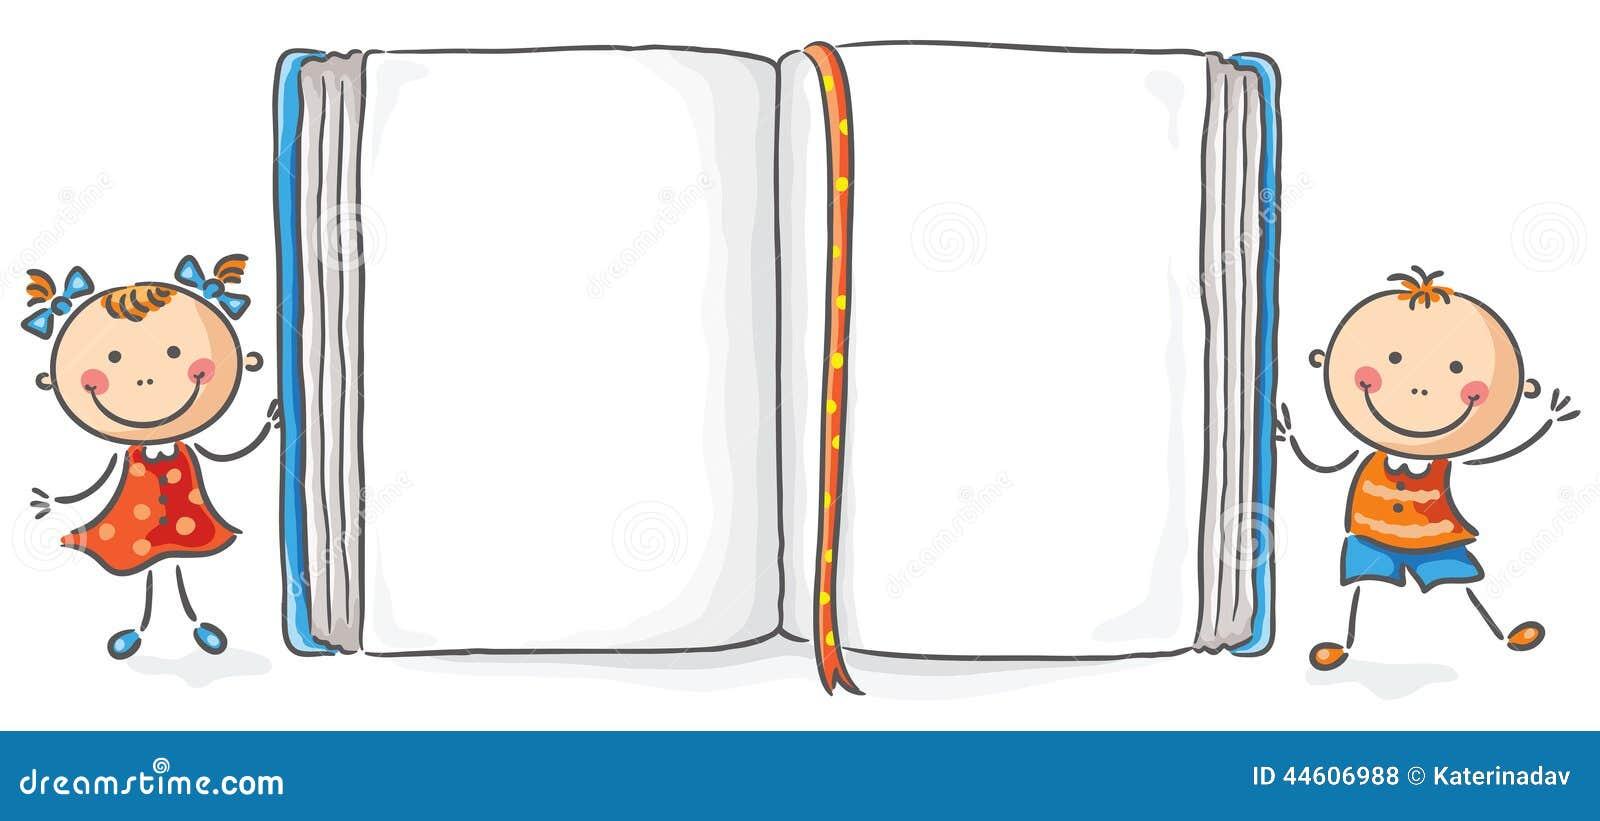 book aws lambda a guide